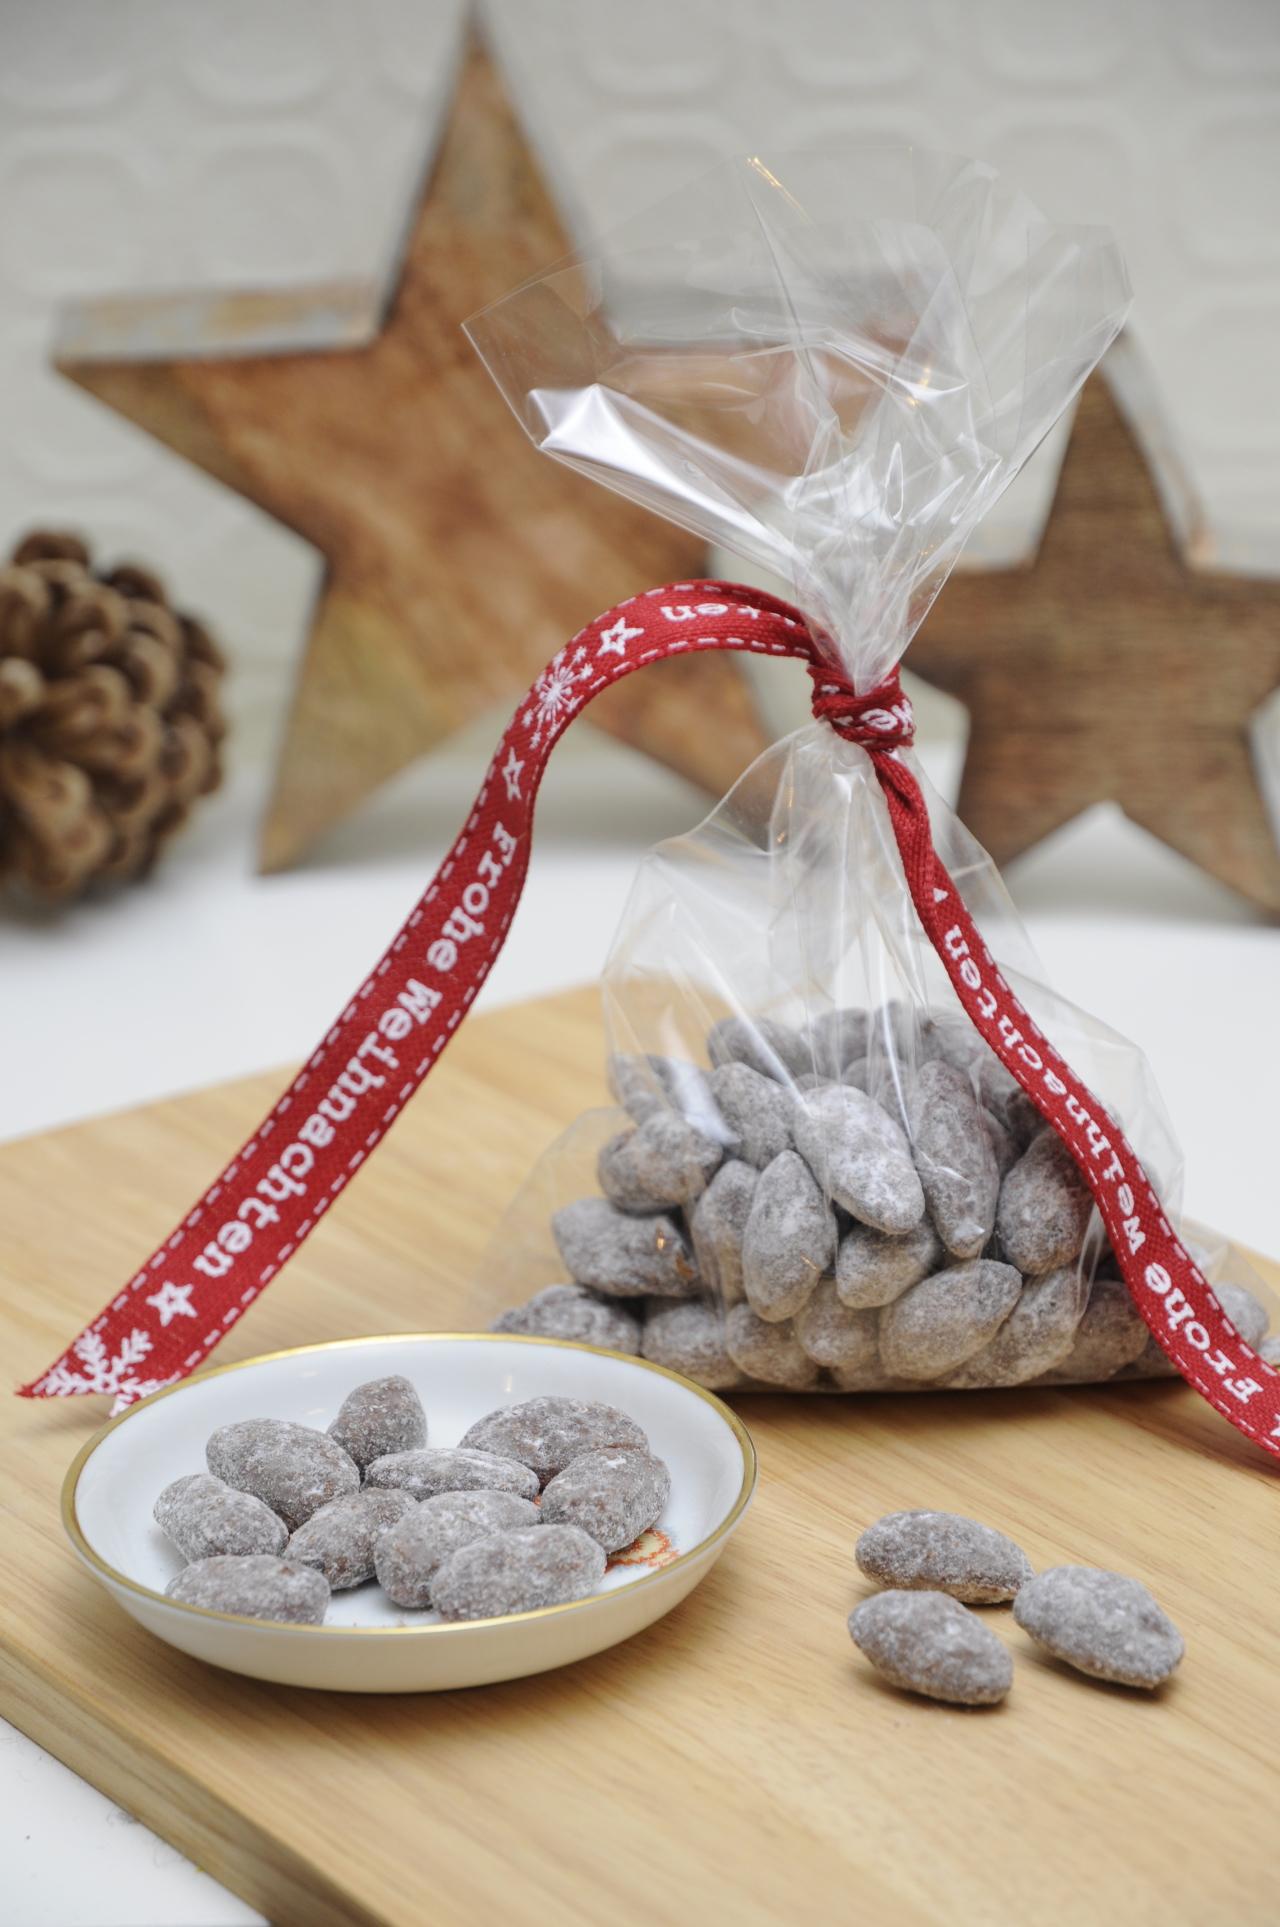 Adventliche Geschenke aus der Küche - haus-haushalt ...